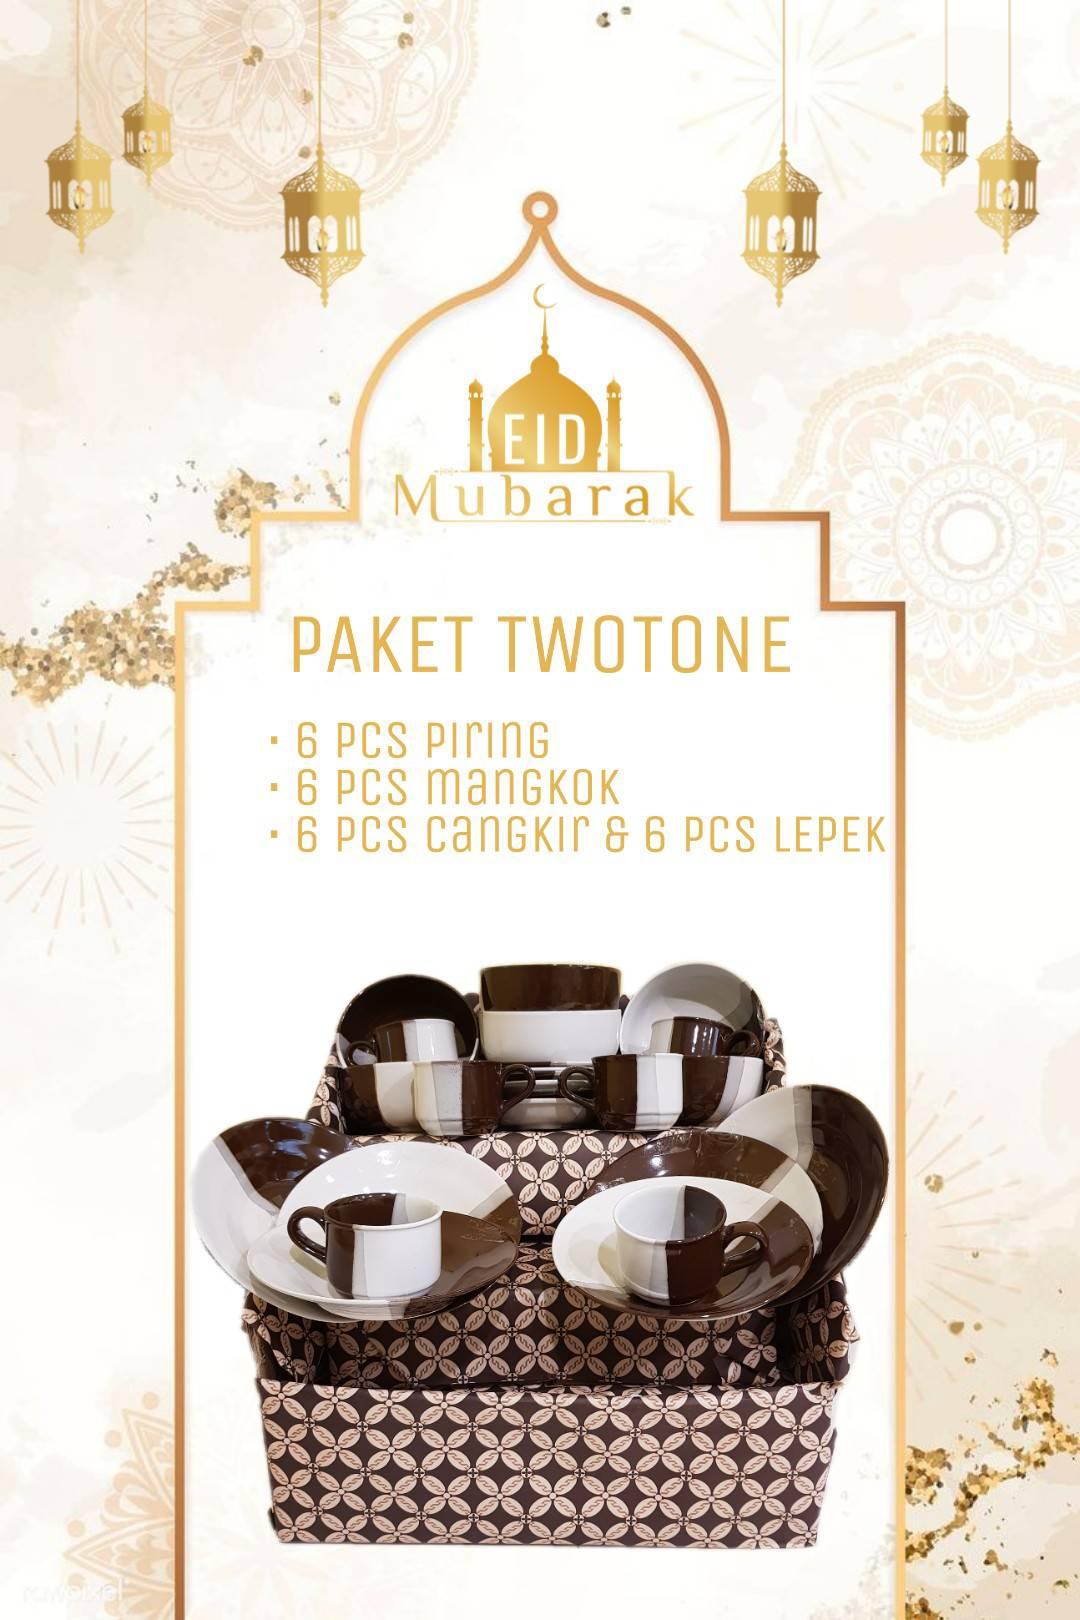 Parcel Twotone Coklat